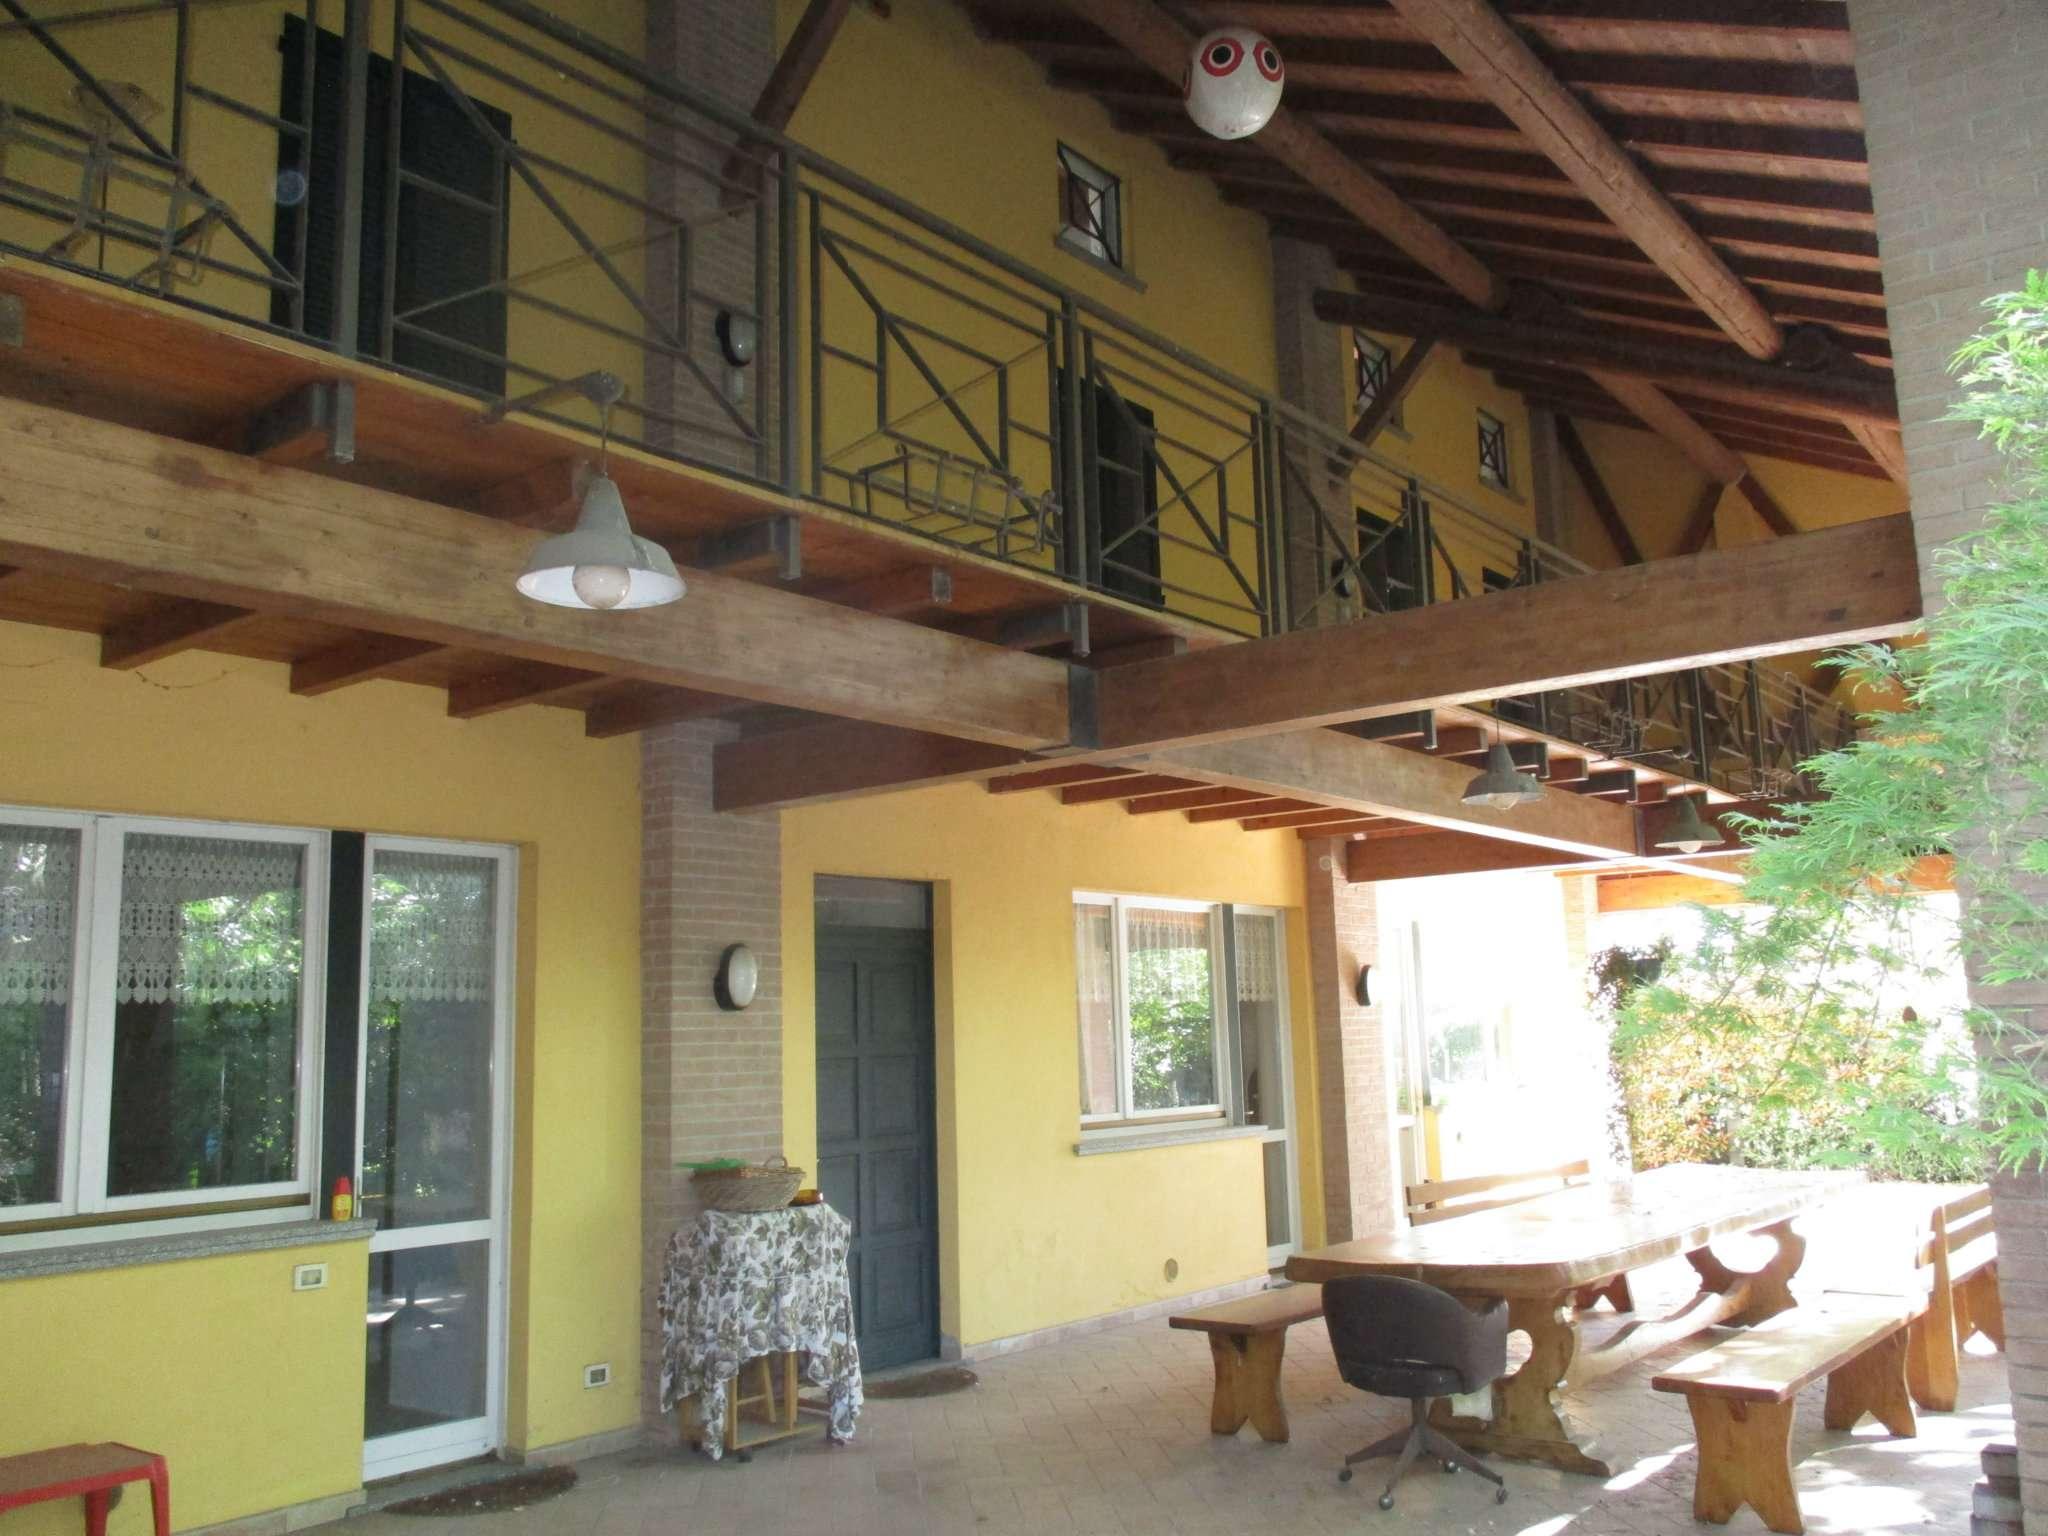 Villa in vendita a Capralba, 4 locali, Trattative riservate | CambioCasa.it